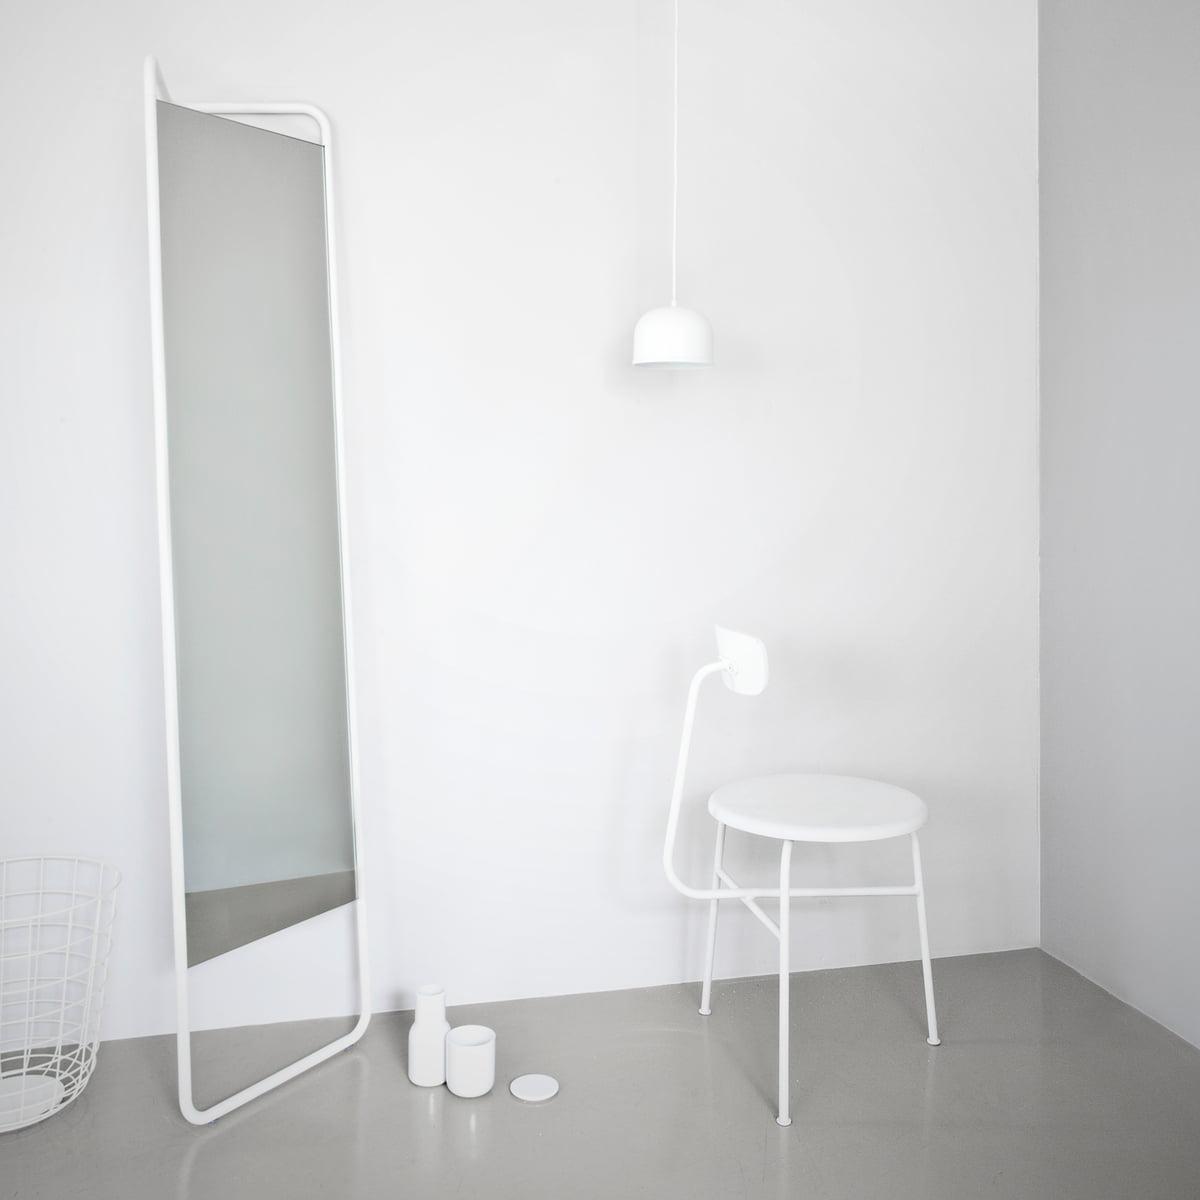 The Kaschkasch mirror by Menu in the shop